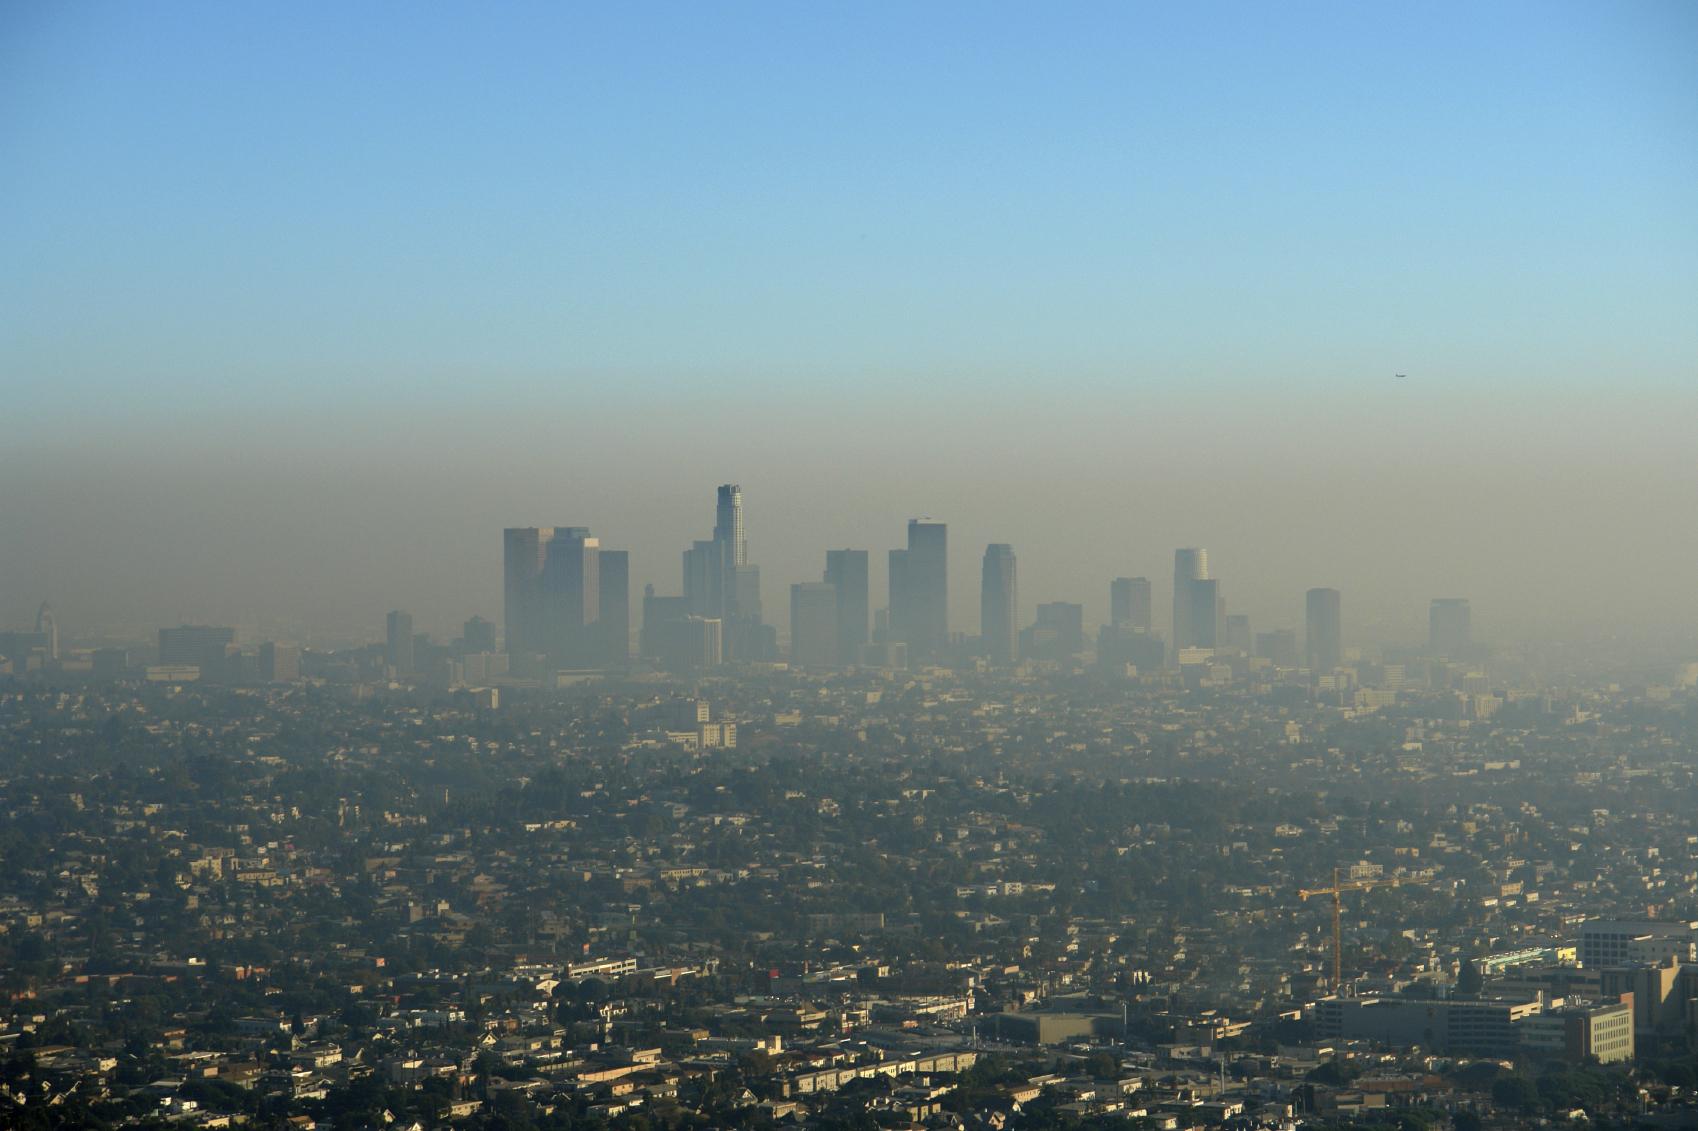 Η βελτίωση του εισπνεόμενου αέρα σχετίζεται με βελτίωση της πνευμονικής ανάπτυξης στα παιδιά